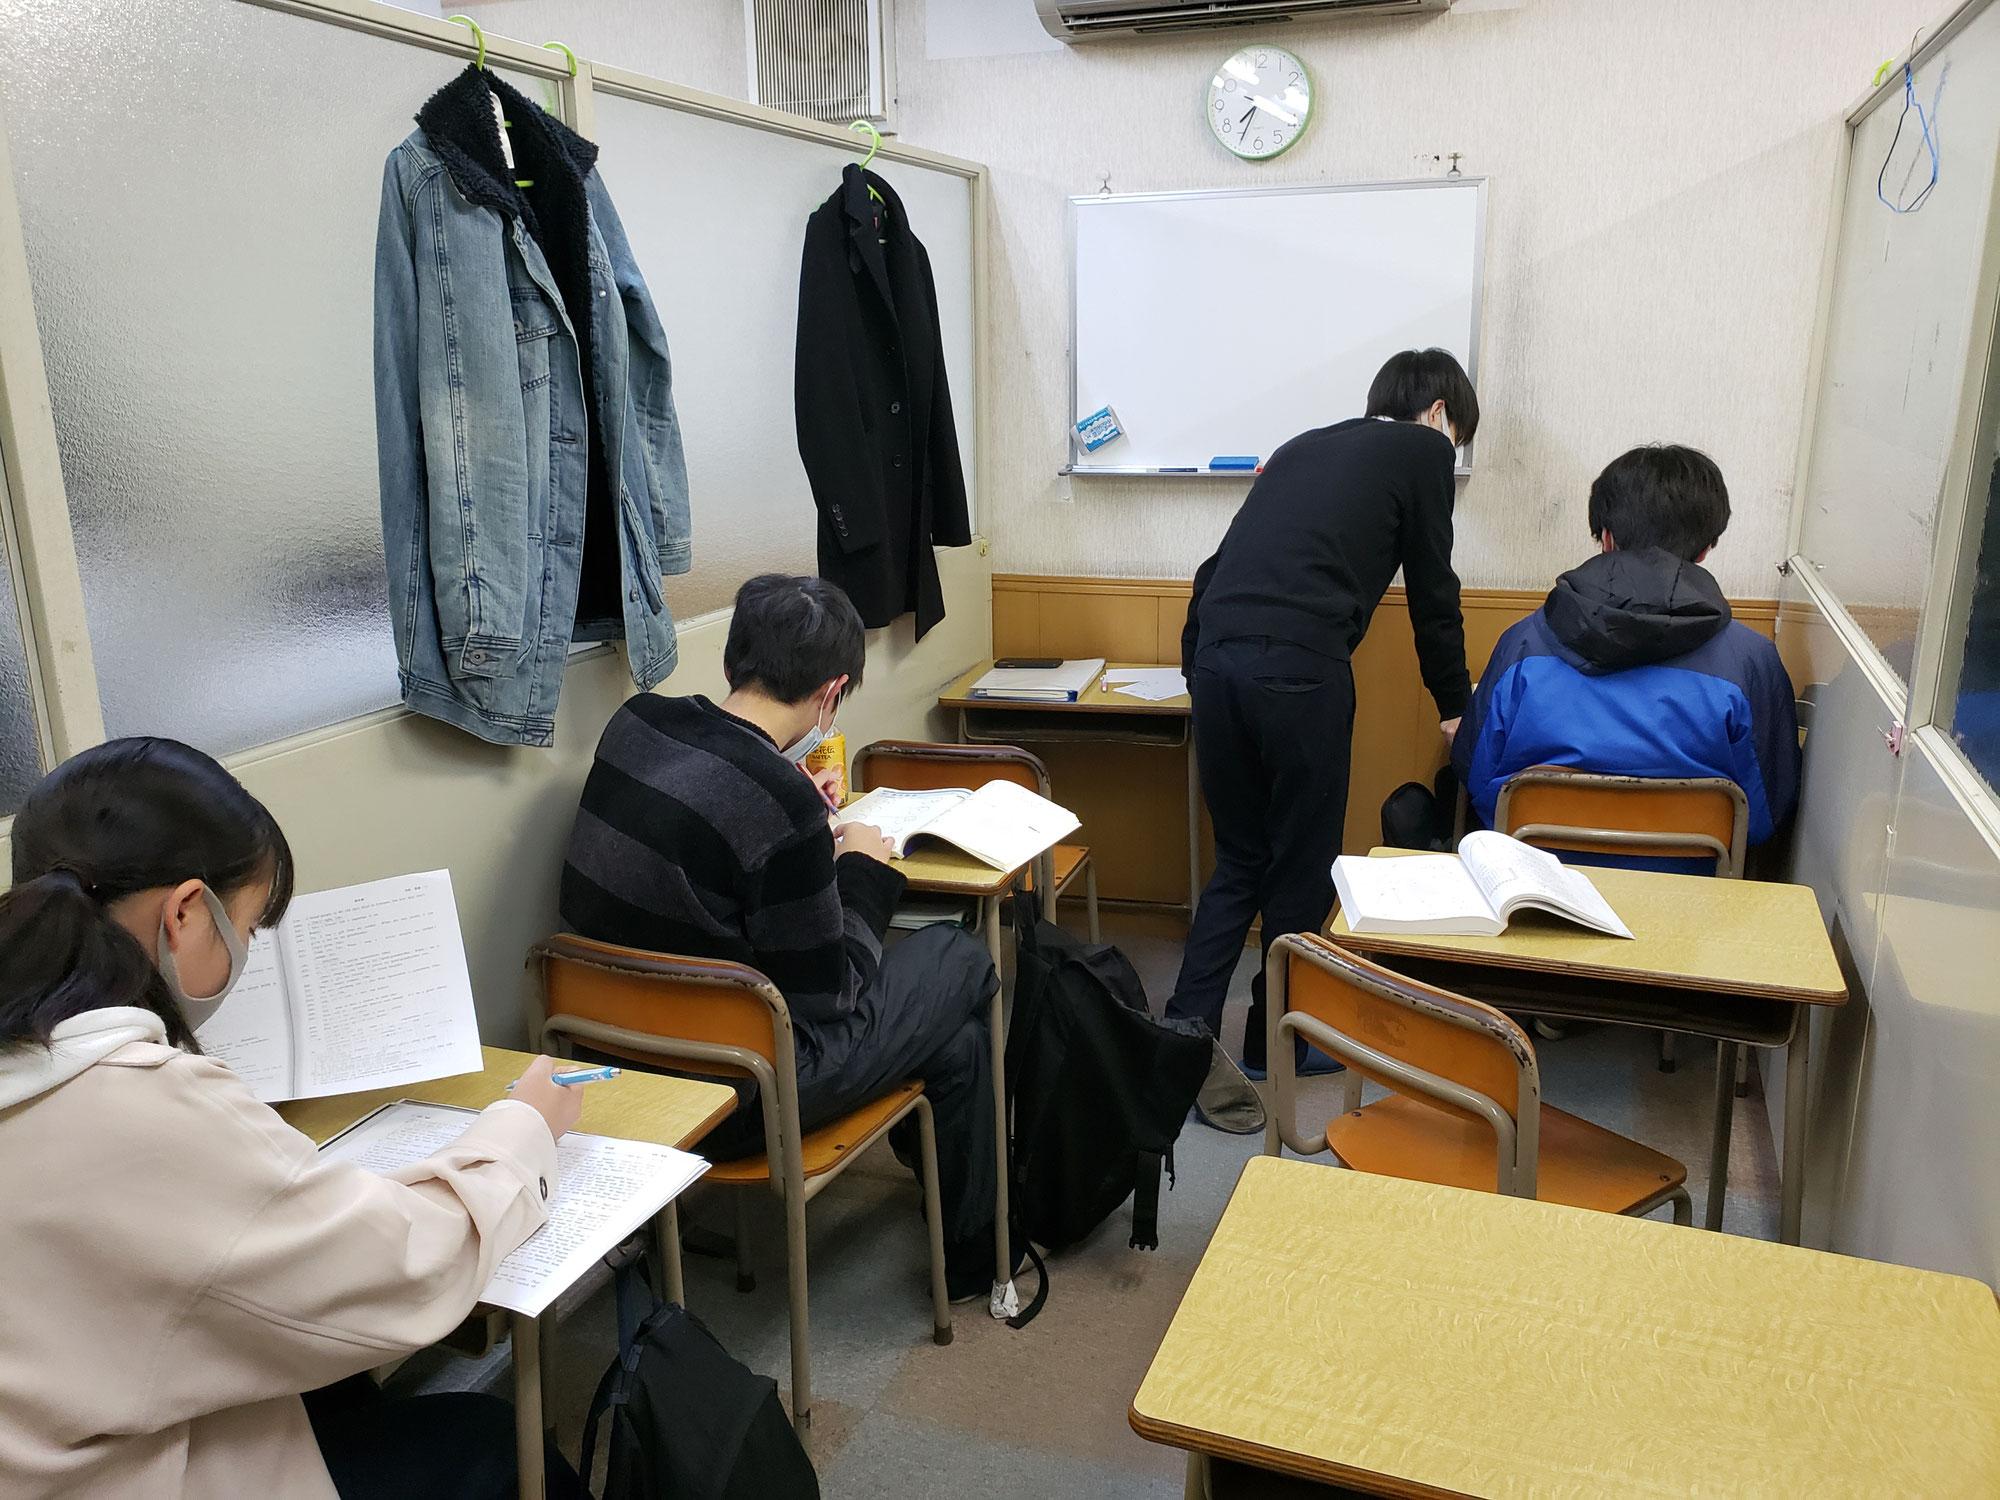 【大学入学共通テスト後は、一般選抜入試に向けての対策と中学生は過去問と面接練習】